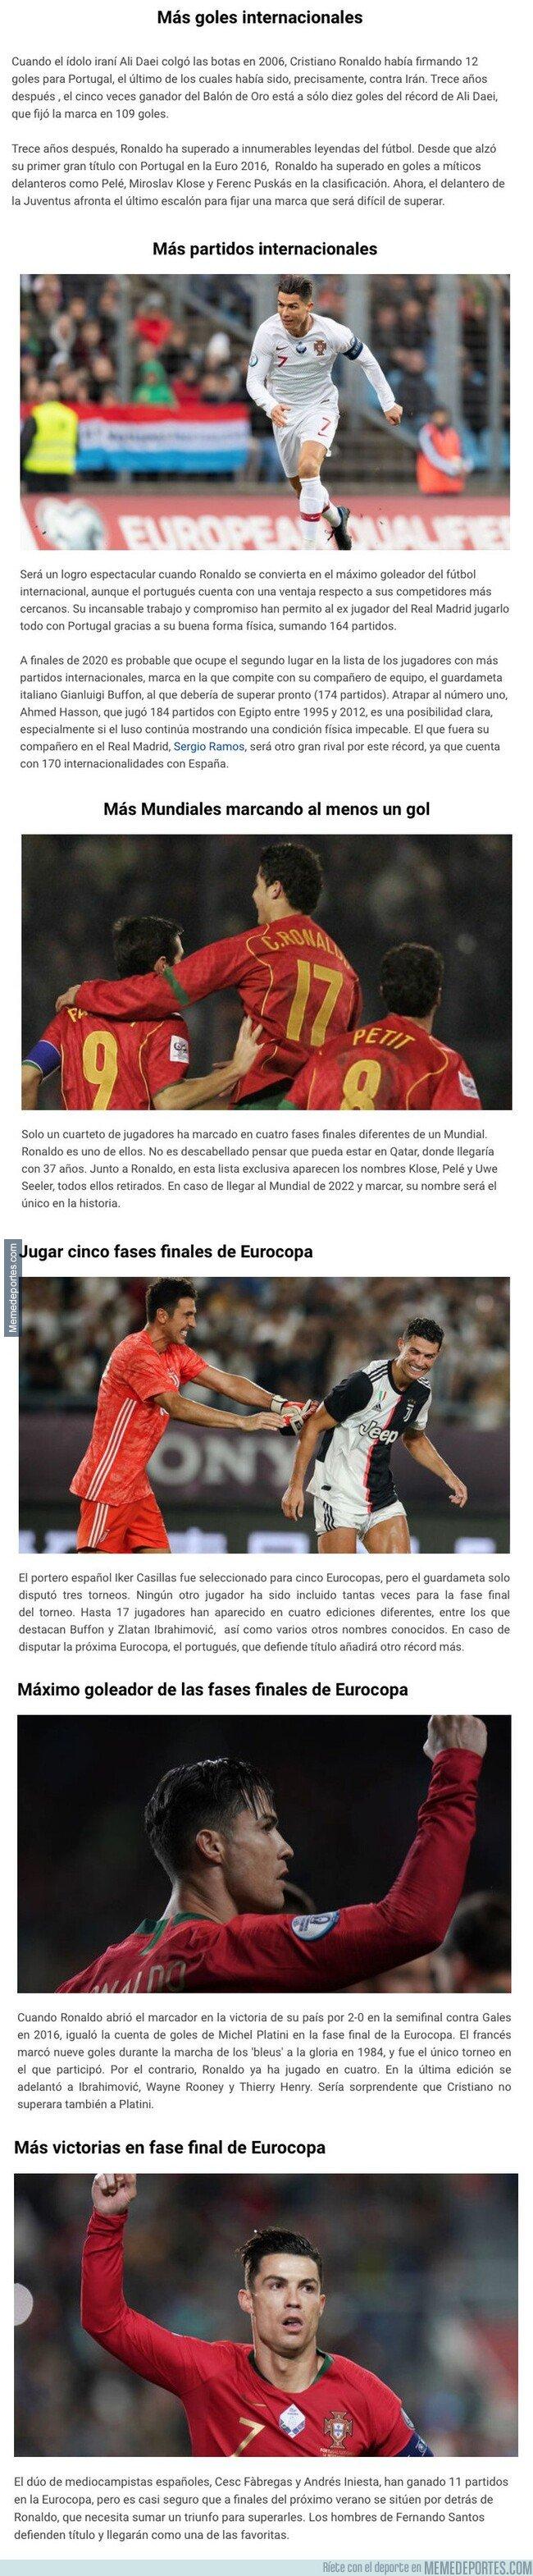 1091463 - Los 6 récords internacionales que aún puede batir Cristiano Ronaldo y le pueden convertir aún más en leyenda